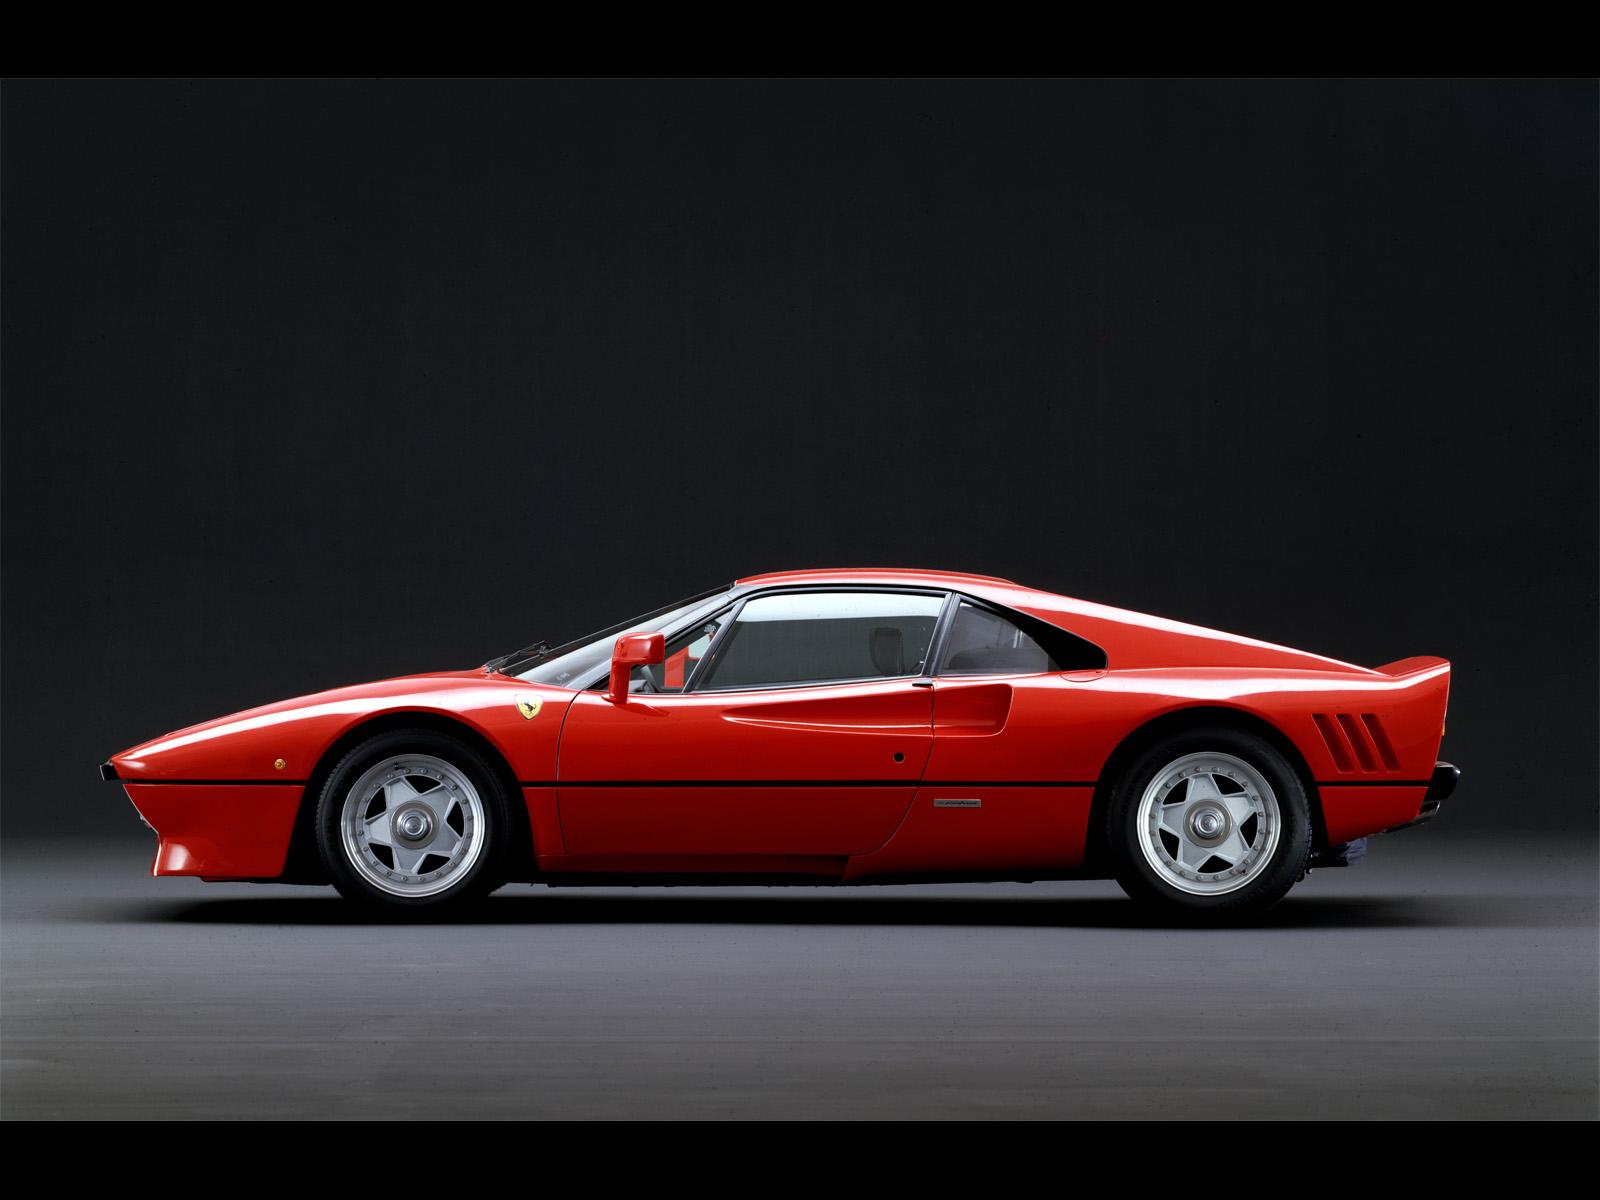 1984 Ferrari 288 GTO (Pininfarina) - Meilensteine